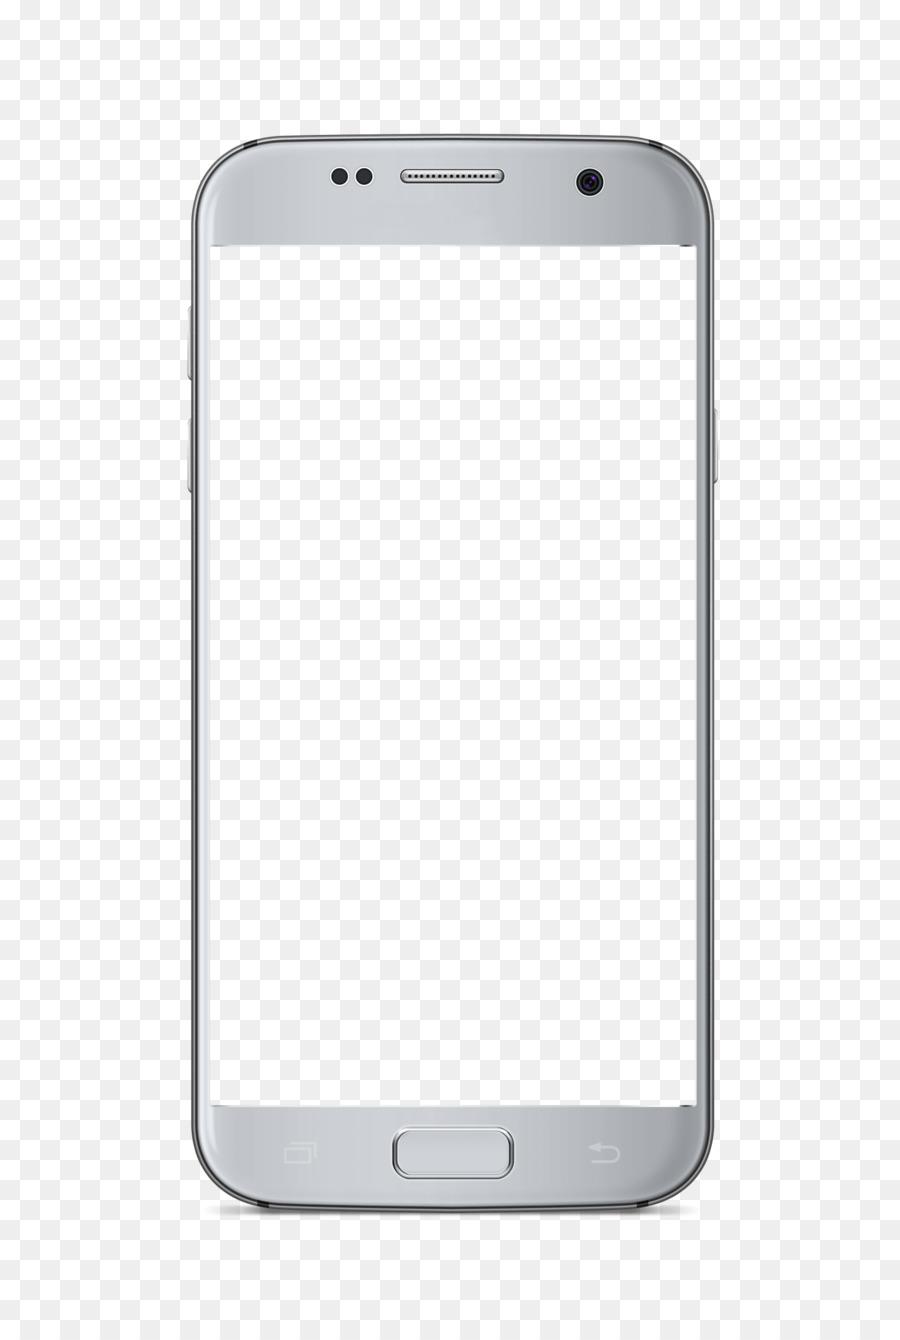 нравится картинка телефона айфона на прозрачном фоне зависит того, какую